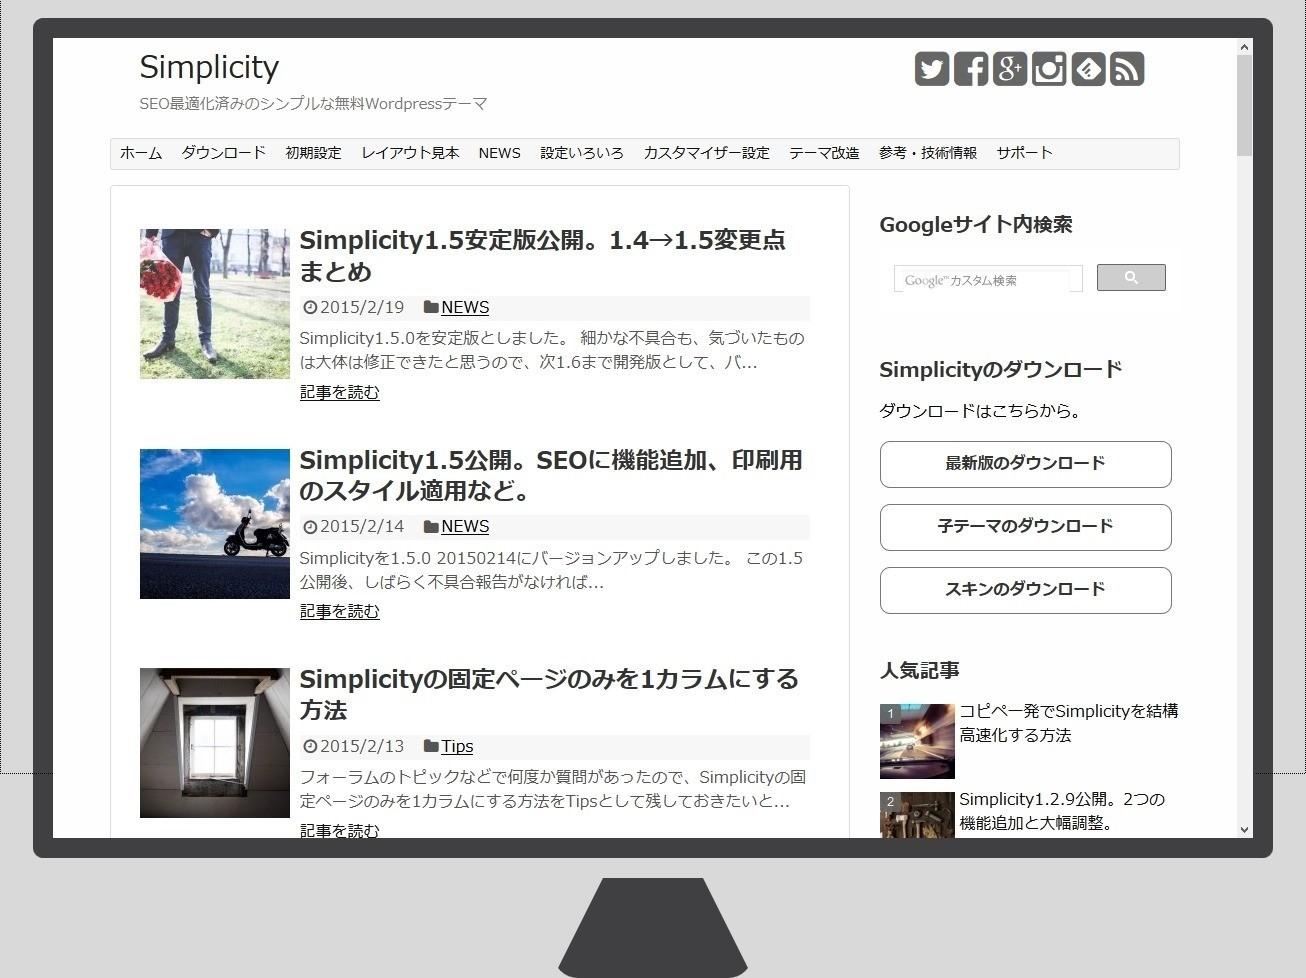 button-only@2x アドセンスブログで稼げるデザインやテーマテンプレートは?有料,無料どちらがいいか?【初心者・中級者向け】